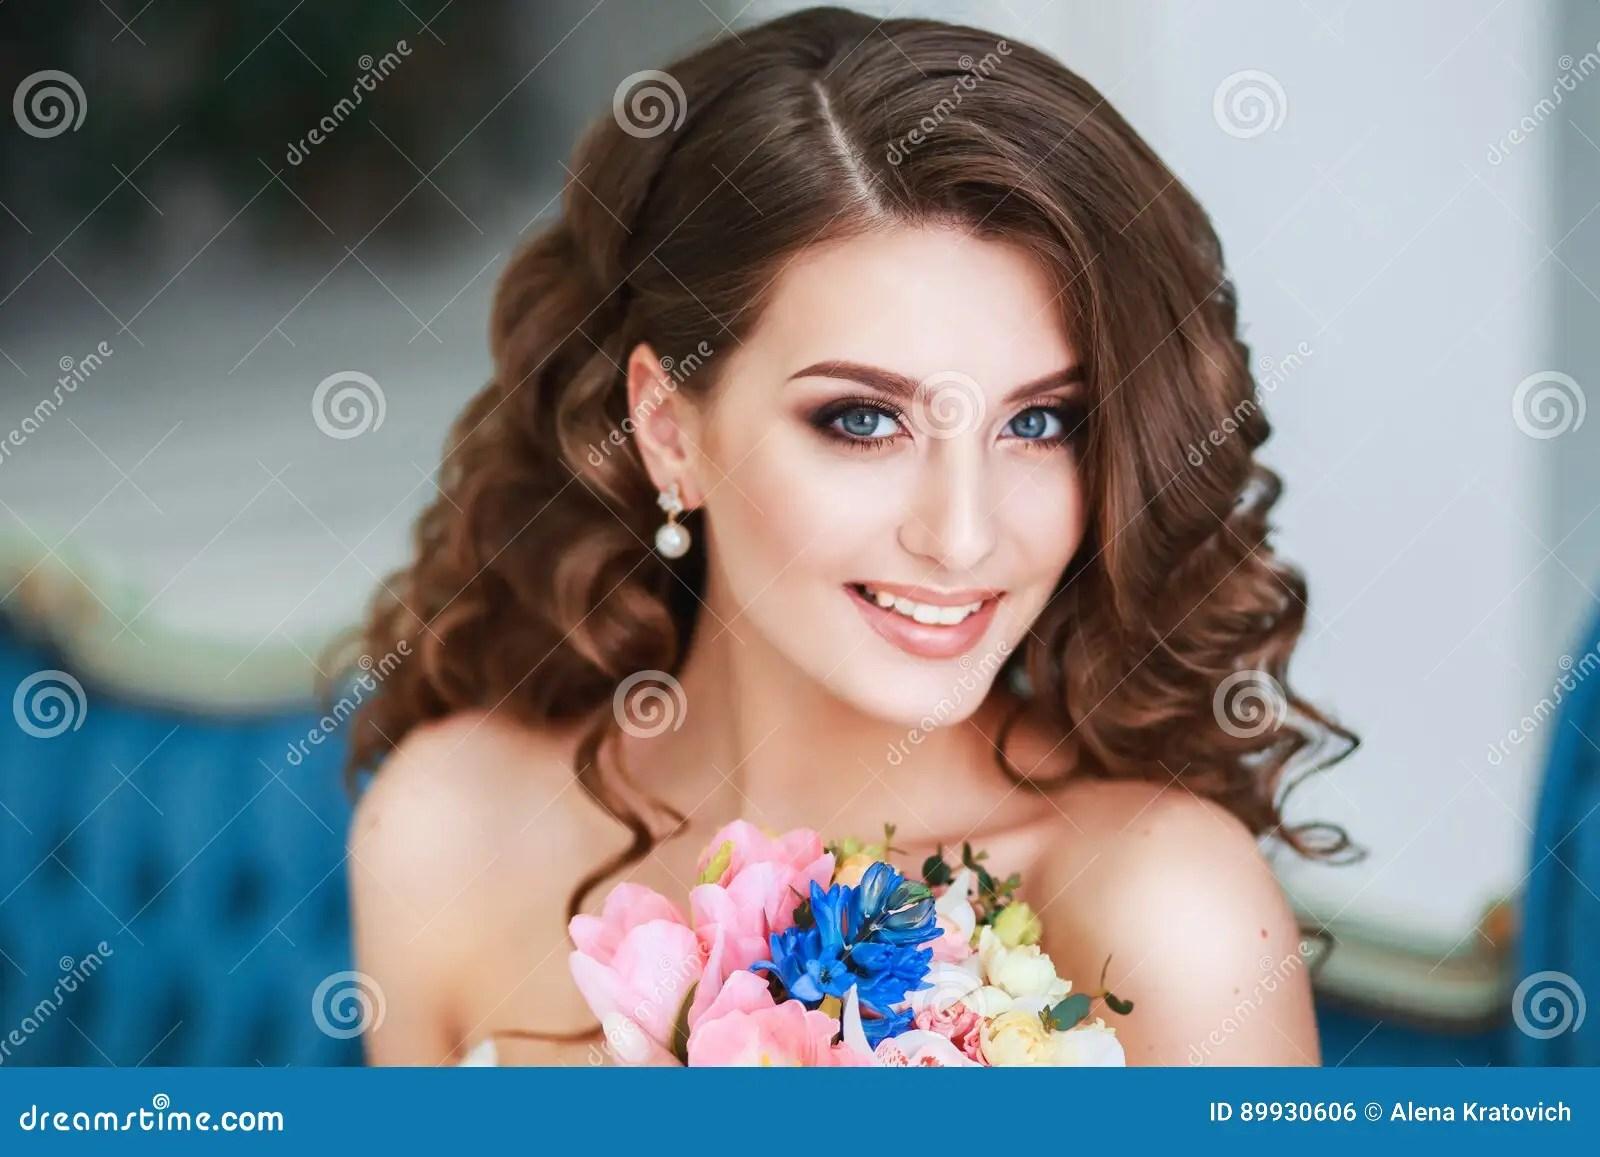 Fototapete Schone Braut Mit Hochzeit Make Up Frisur Frisch